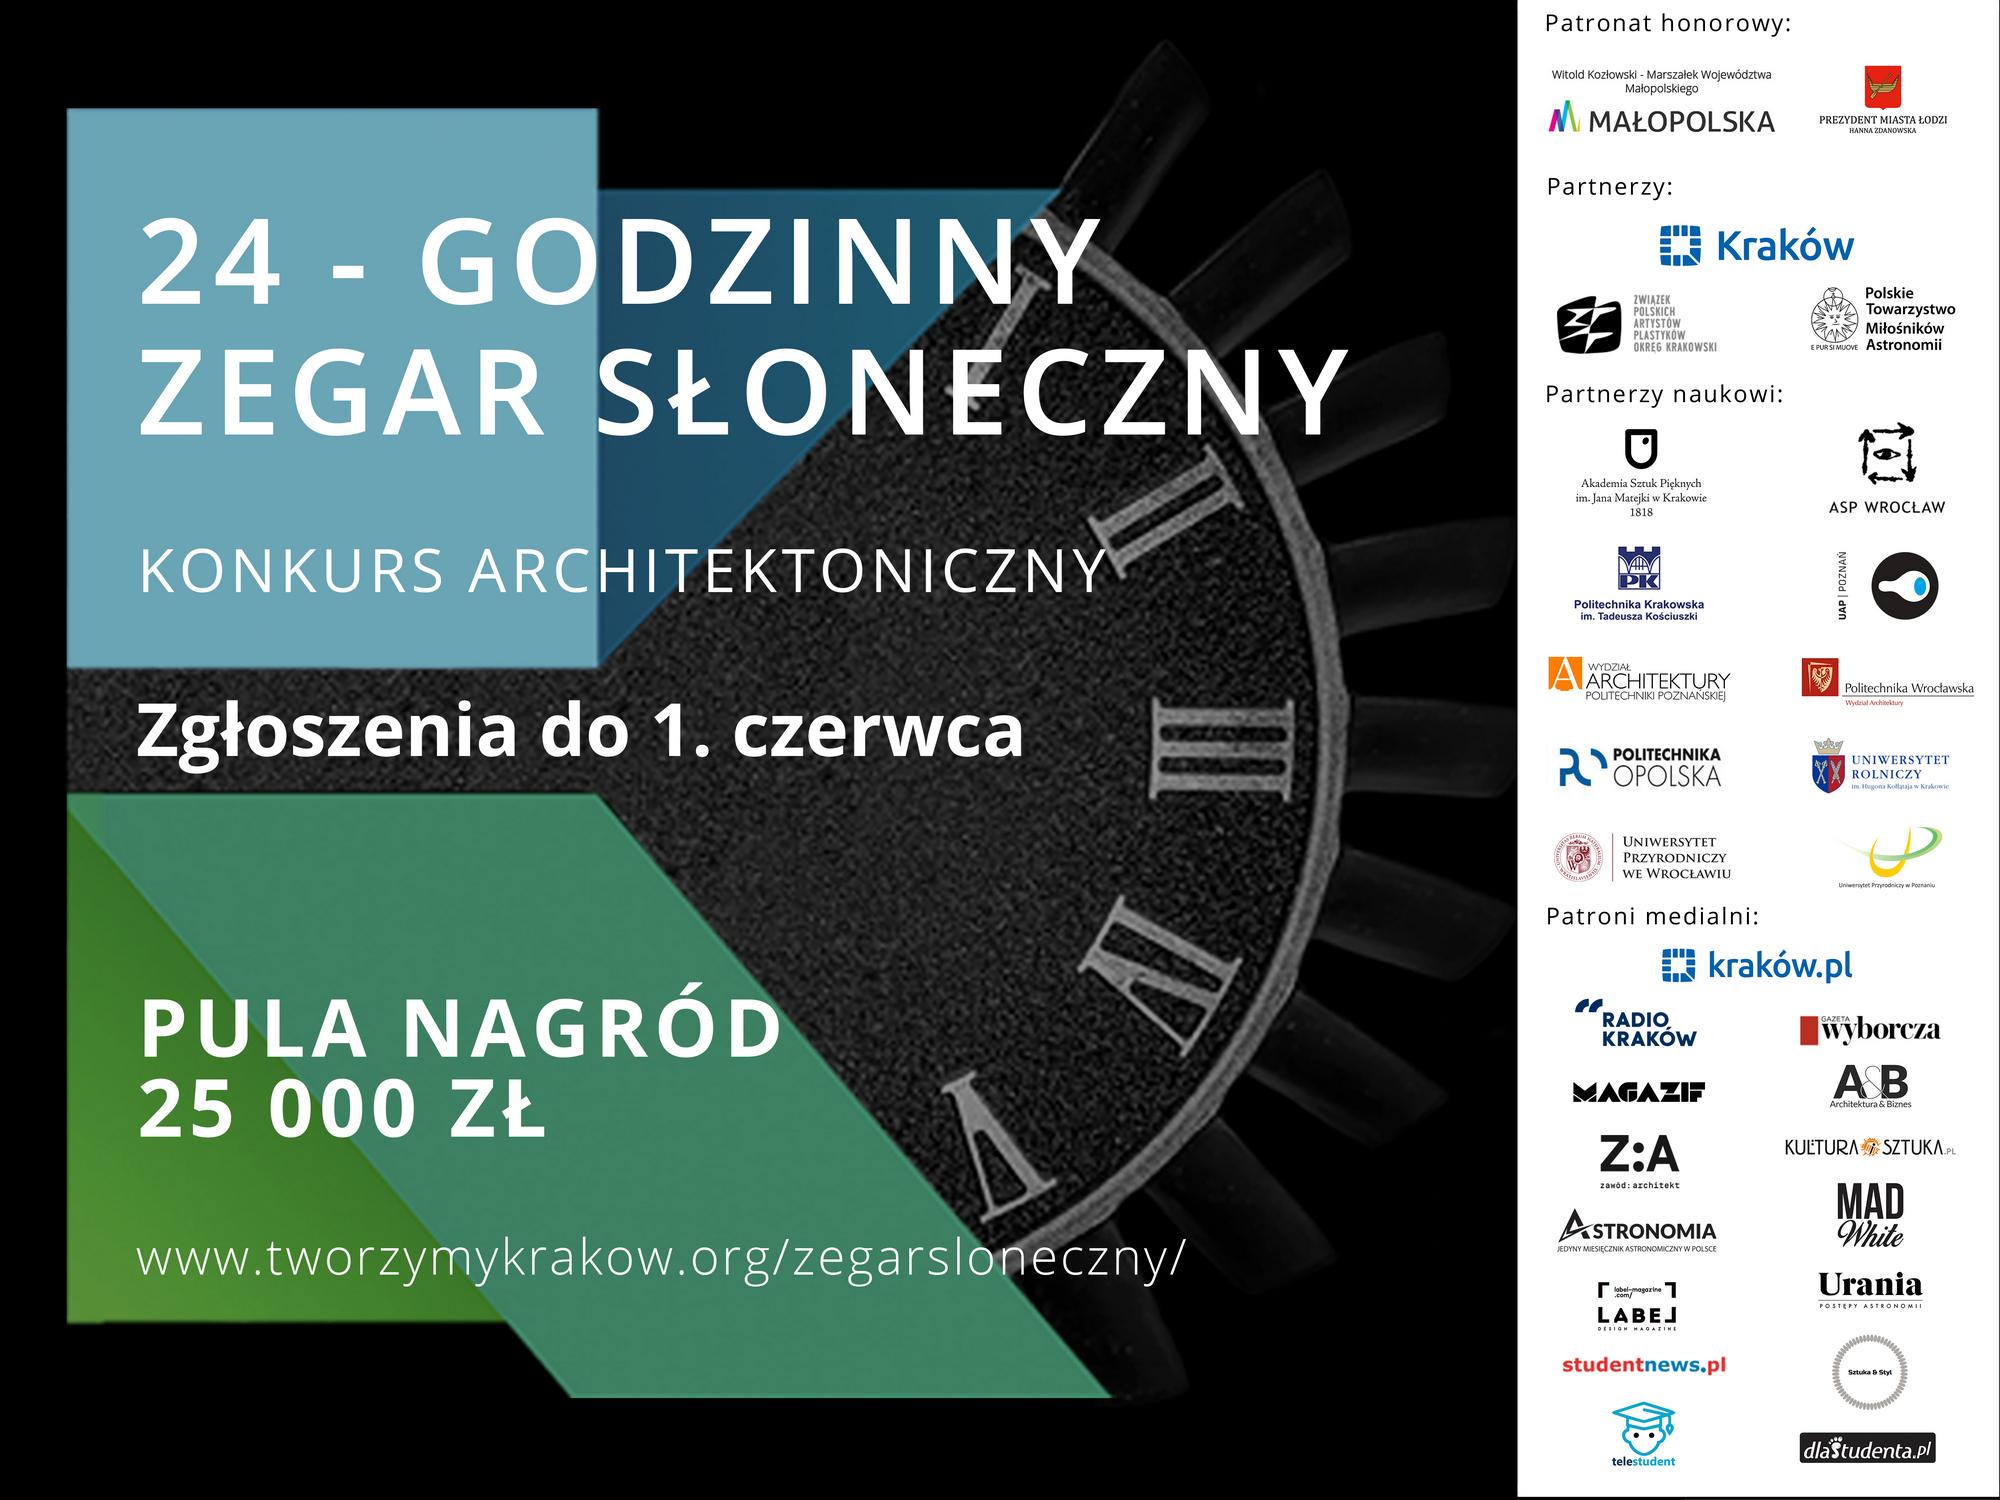 24-godzinny Zegar Słoneczny – interdyscyplinarny konkurs architektoniczny